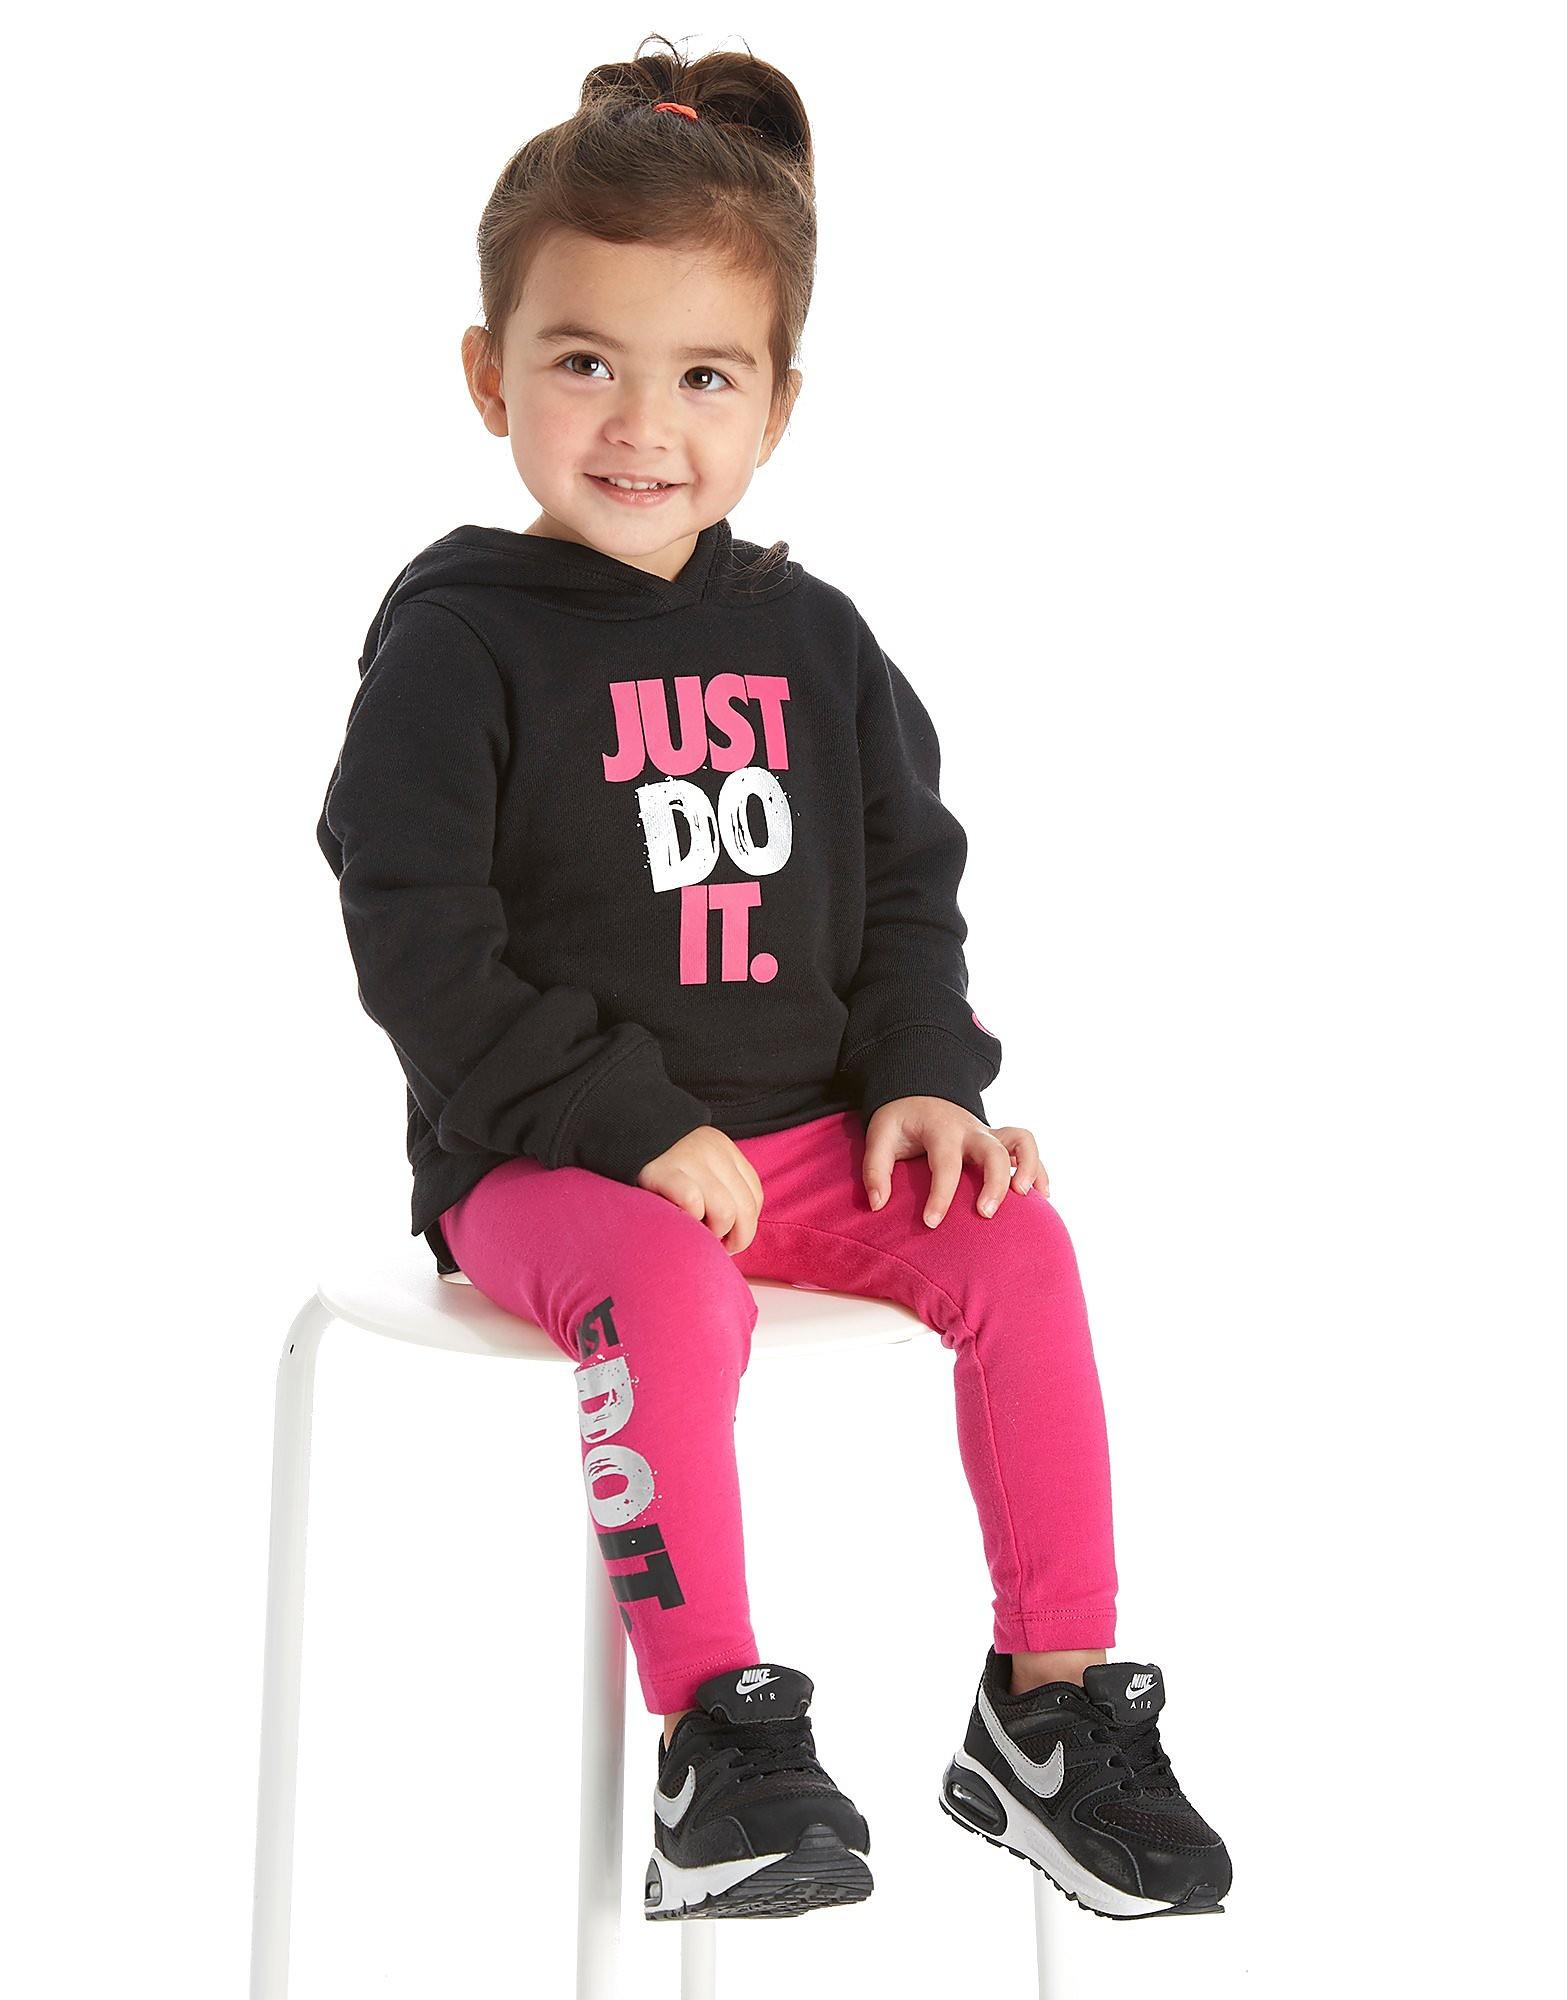 Nike Just Do It Hoodie/Leggings Set Baby's